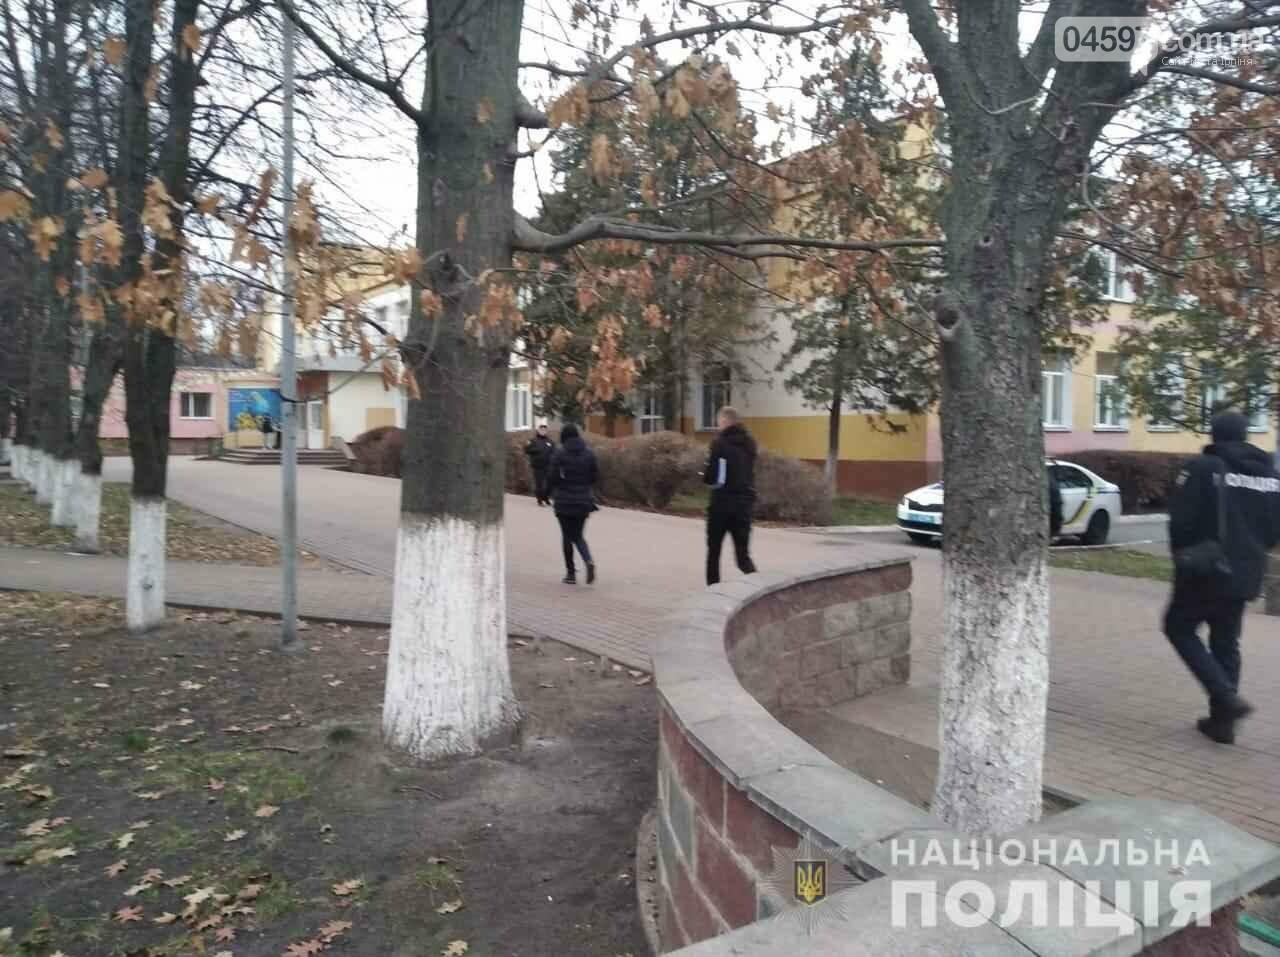 У Бучі учні в школі з'ясовували відносини з допомогою газових балончиків, фото-3